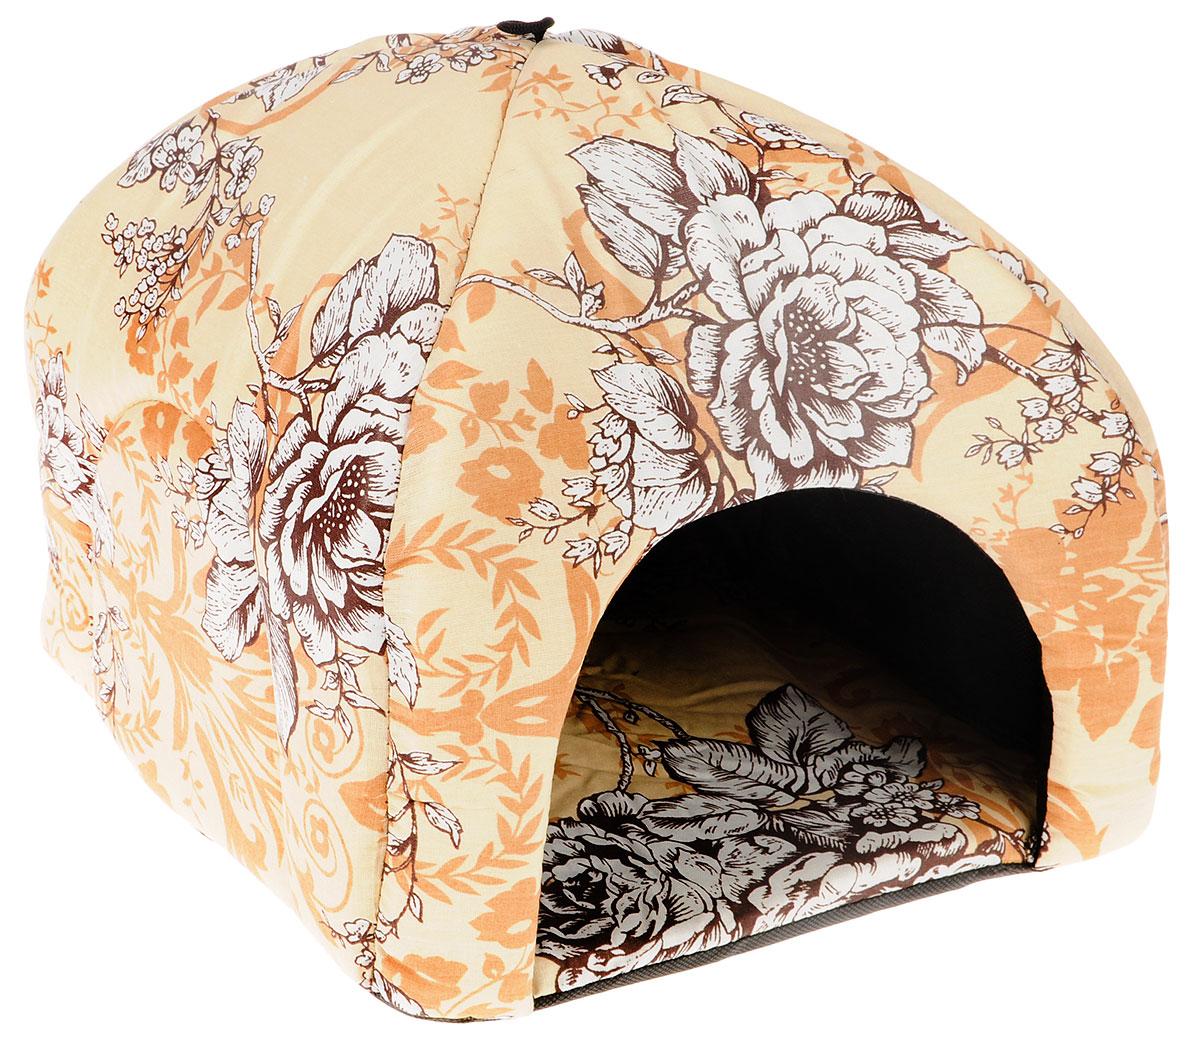 Лежак для животных Elite Valley Юрта, цвет: бежевый, 33 х 33 х 30 см. Л3/212171996Лежак Elite Valley Юрта непременно станет любимым местом отдыха вашего домашнего животного. Изделие изготовлено из бязи, а наполнитель выполнен из поролона. Такой материал не теряет своей формы долгое время. На таком лежаке вашему любимцу будет мягко и тепло. Он даст вашему питомцу ощущение уюта и уединенности, а также возможность подремать, отдохнуть и просто спрятаться.